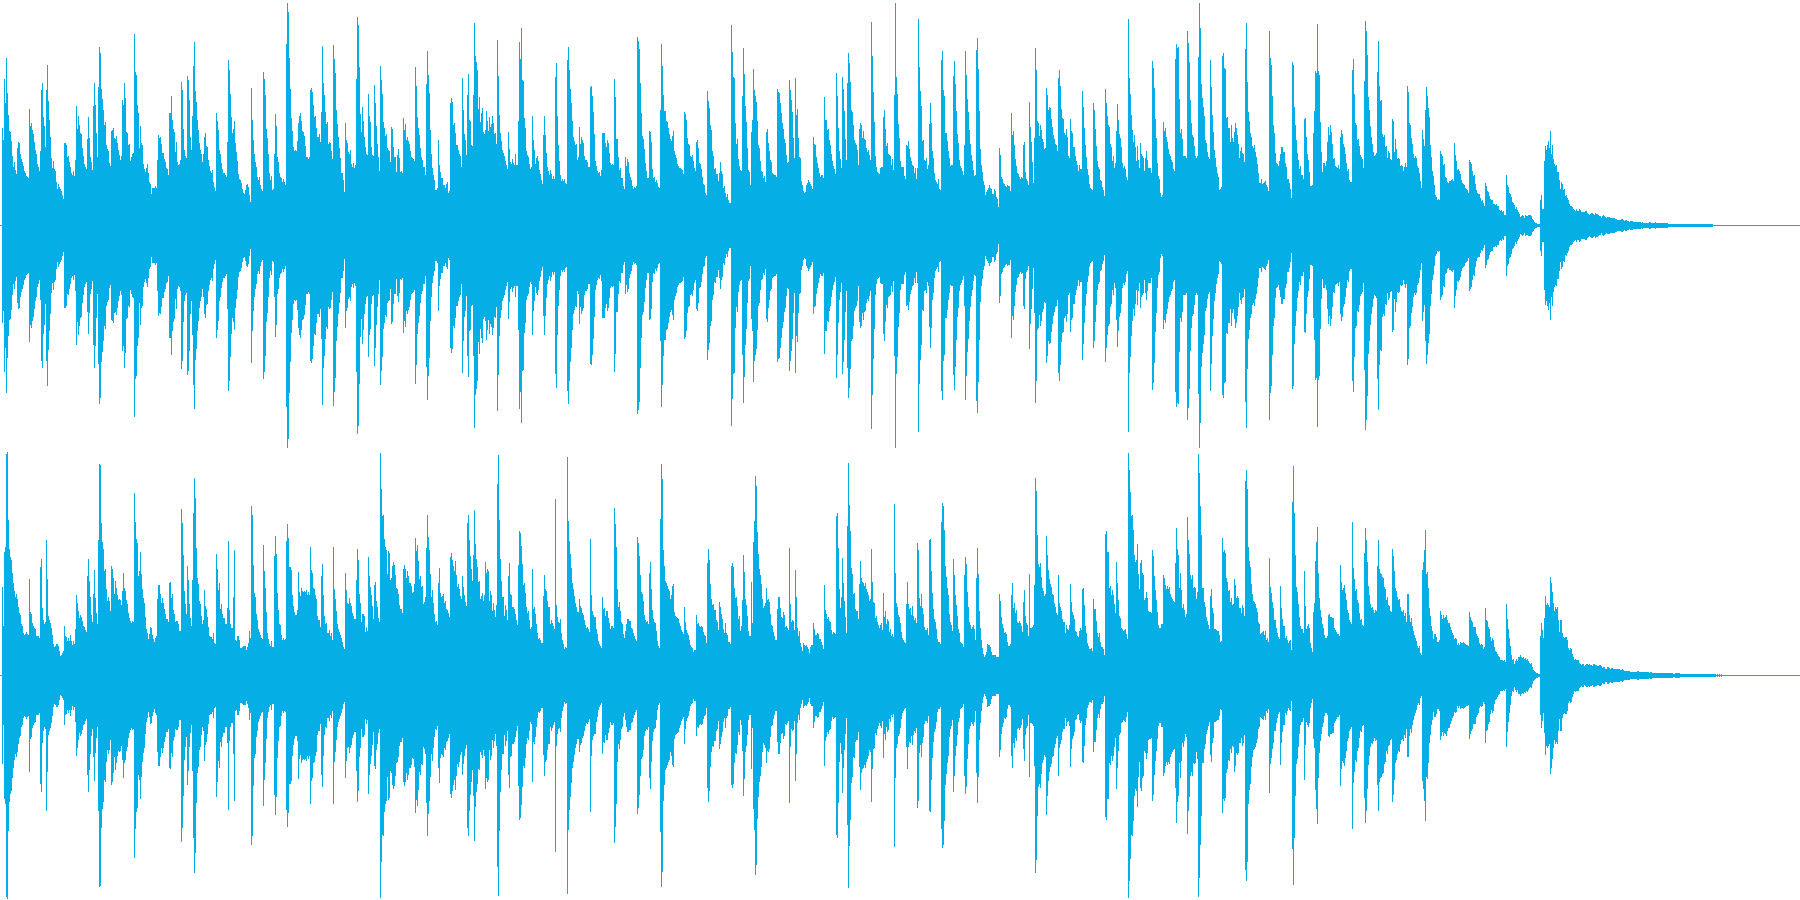 綺麗な高域が特徴のピアノ曲。スローテンポの再生済みの波形